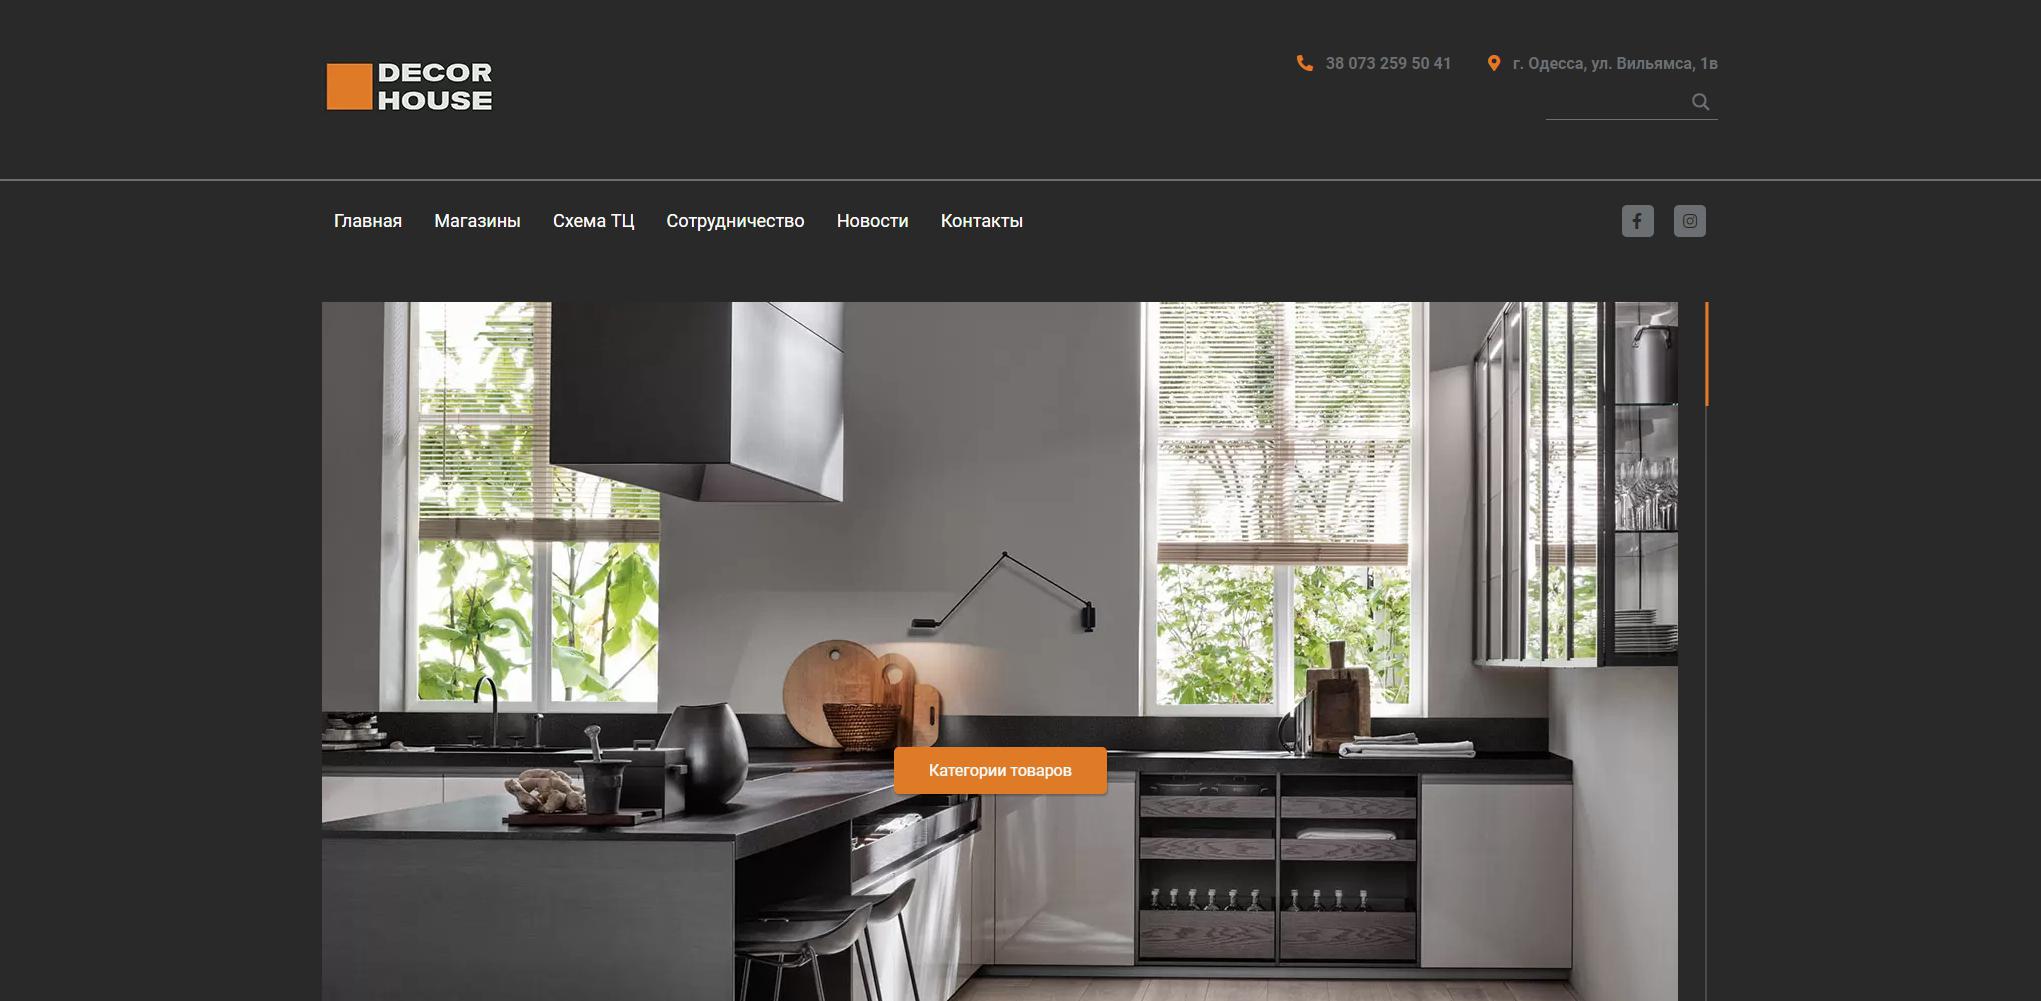 создание сайта decor-house.com.ua